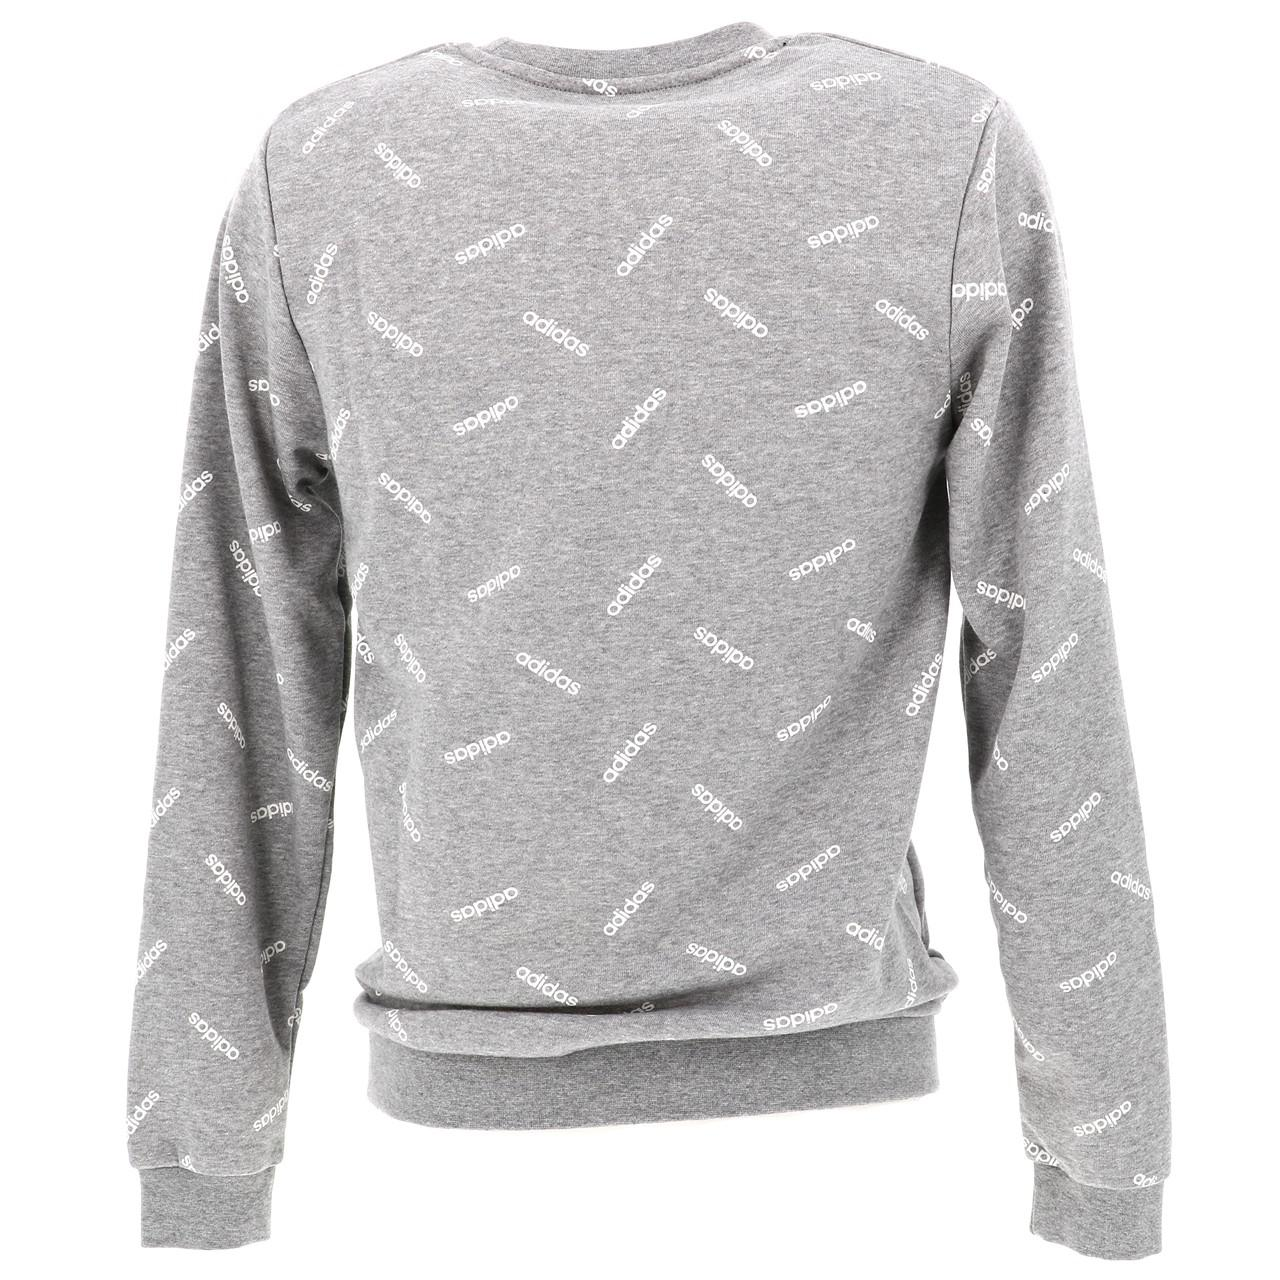 SWEAT ADIDAS M aop gris chine sweat Gris 16658 Neuf EUR